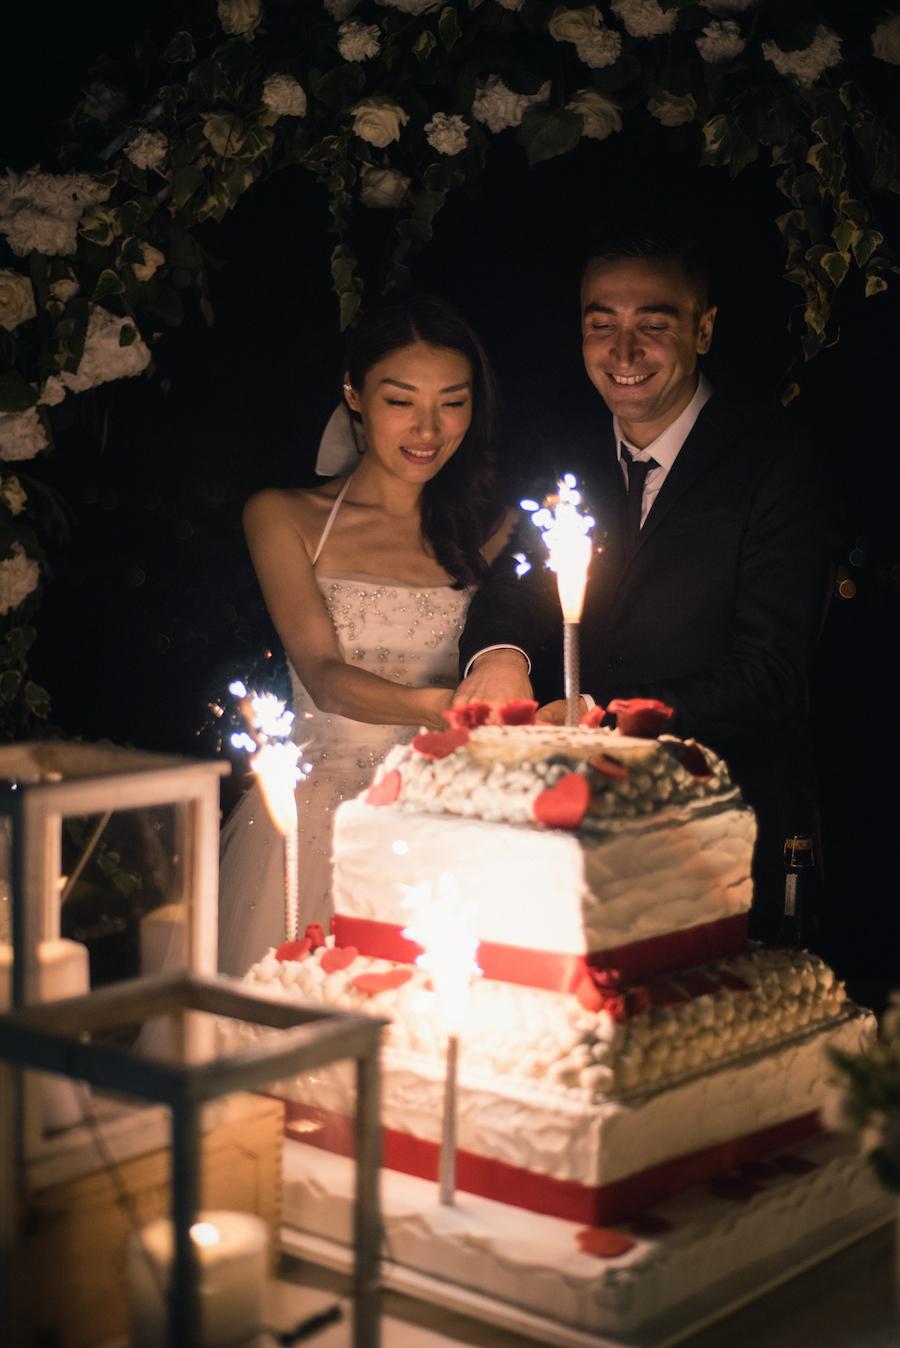 Matrimonio Simbolico Santorini : Un rito simbolico per matrimonio bilingue wedding